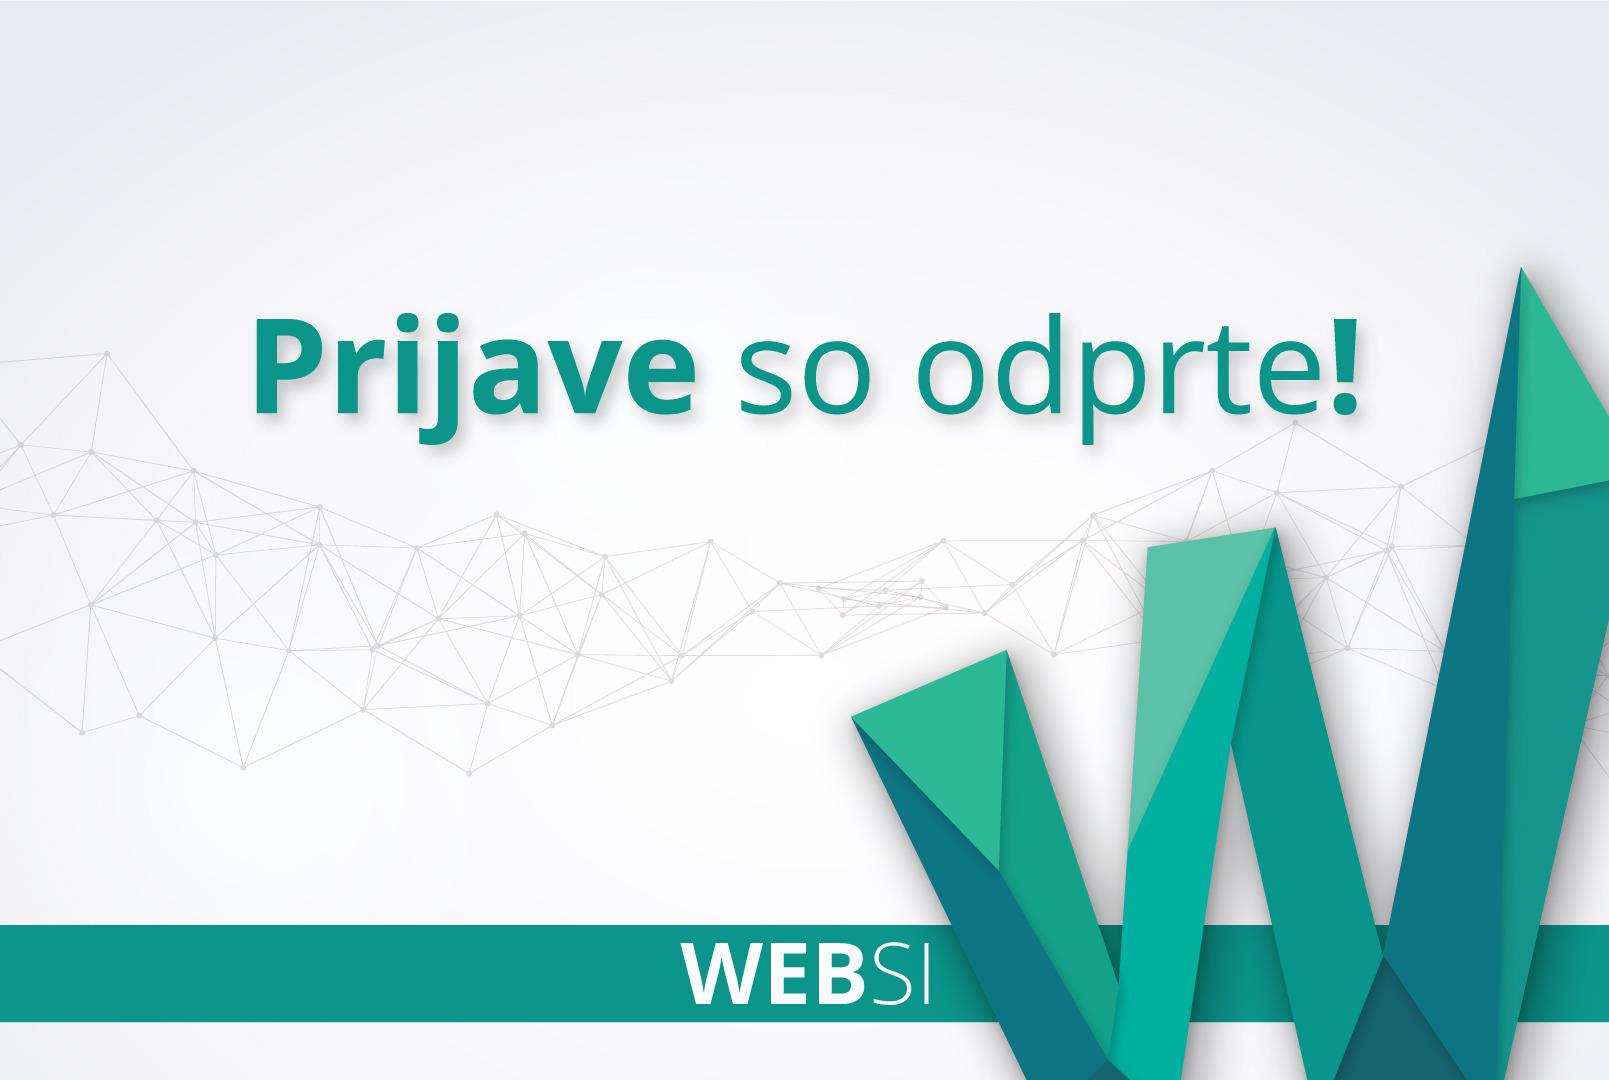 https://www.racunalniske-novice.com/novice/sporocila-za-javnost/kdo-bodo-websi-spletni-prvaki-2018.html?RSSb00e53d87421811b131fd88bc6d86ac6